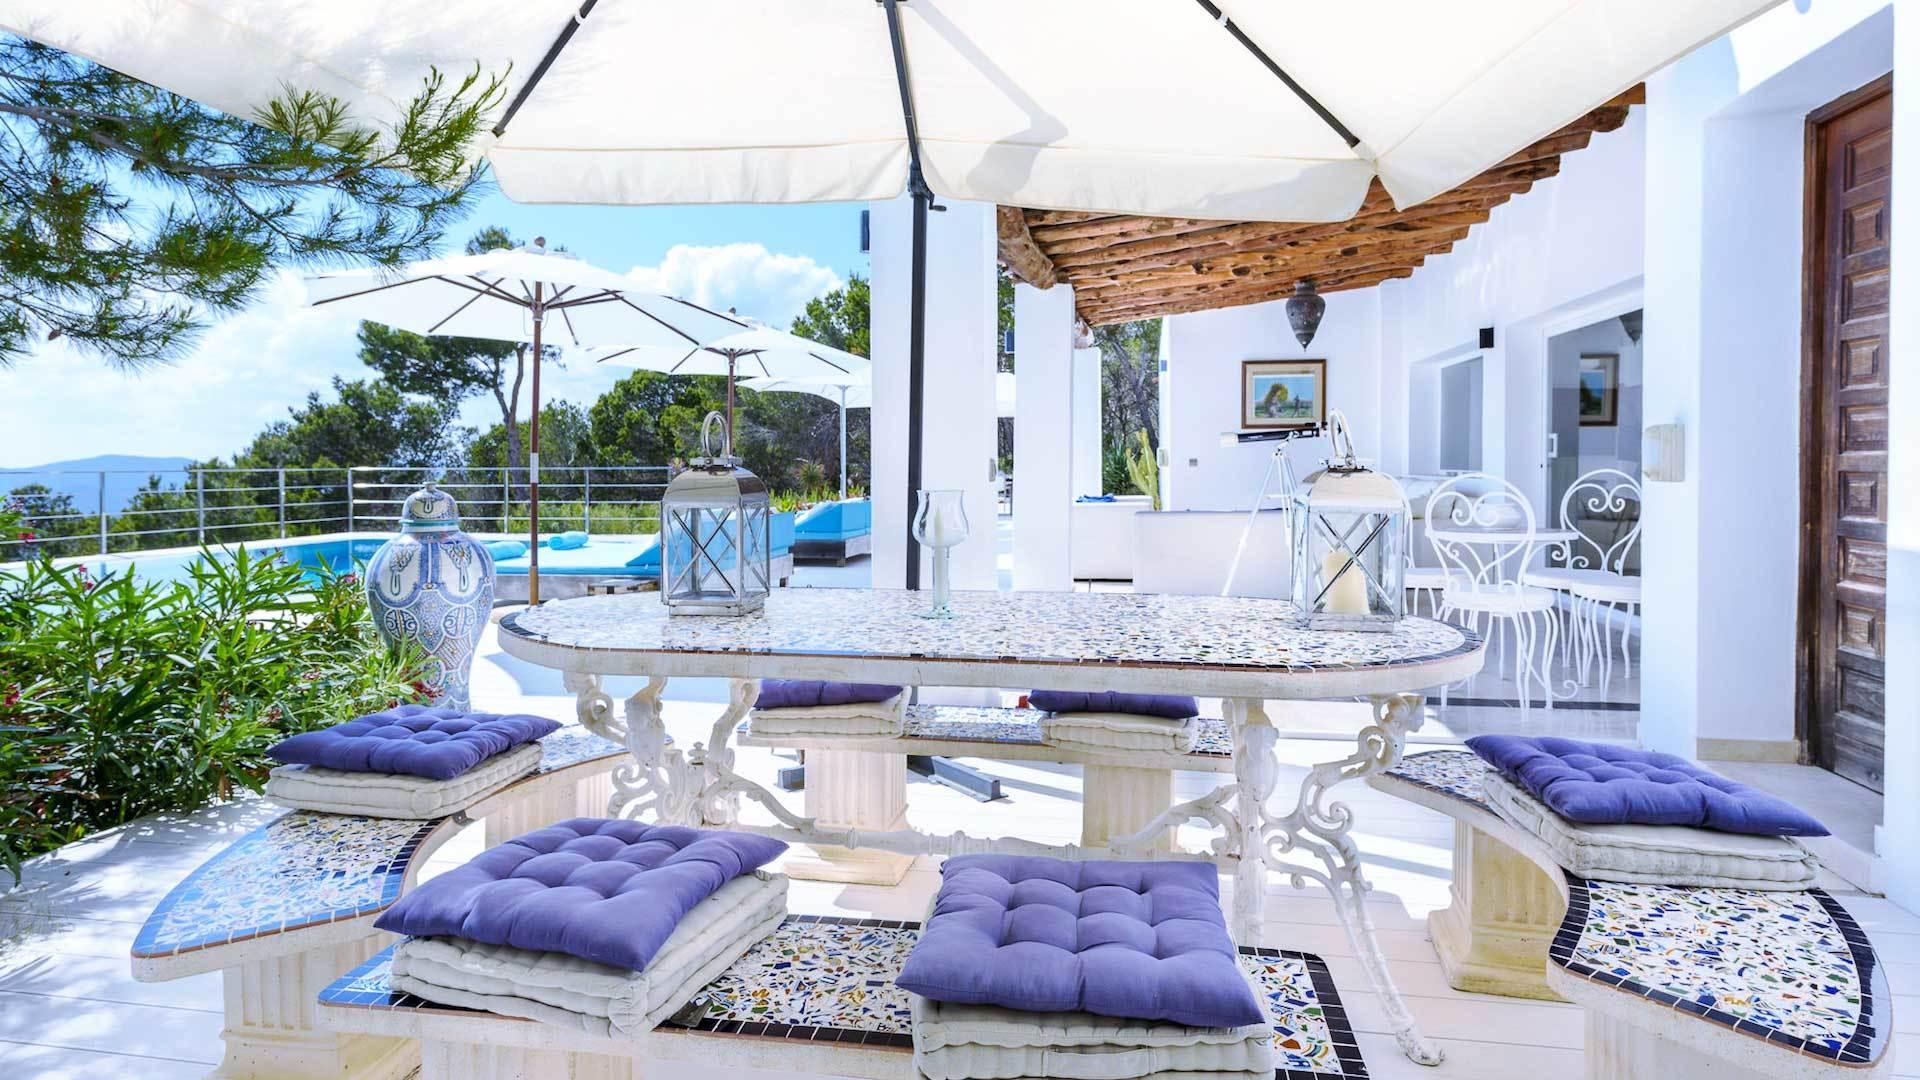 Terrasse gestalten: Welche mediterranen Möbel und Accessoires passen dazu?